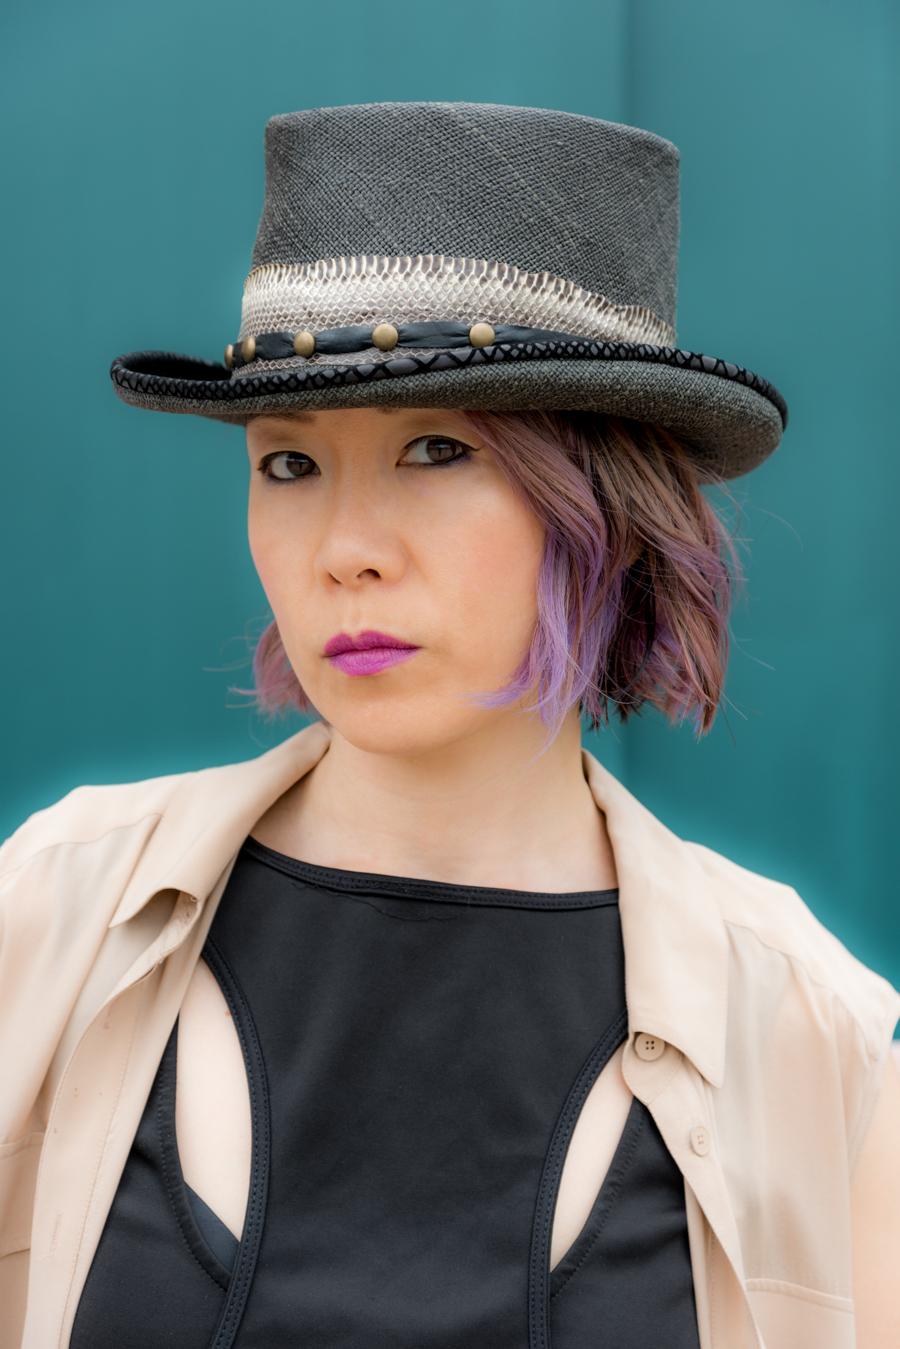 Custom Made Summer Hat At Cha-Cha House メイドインニューヨークオーダーメイドハット! 11